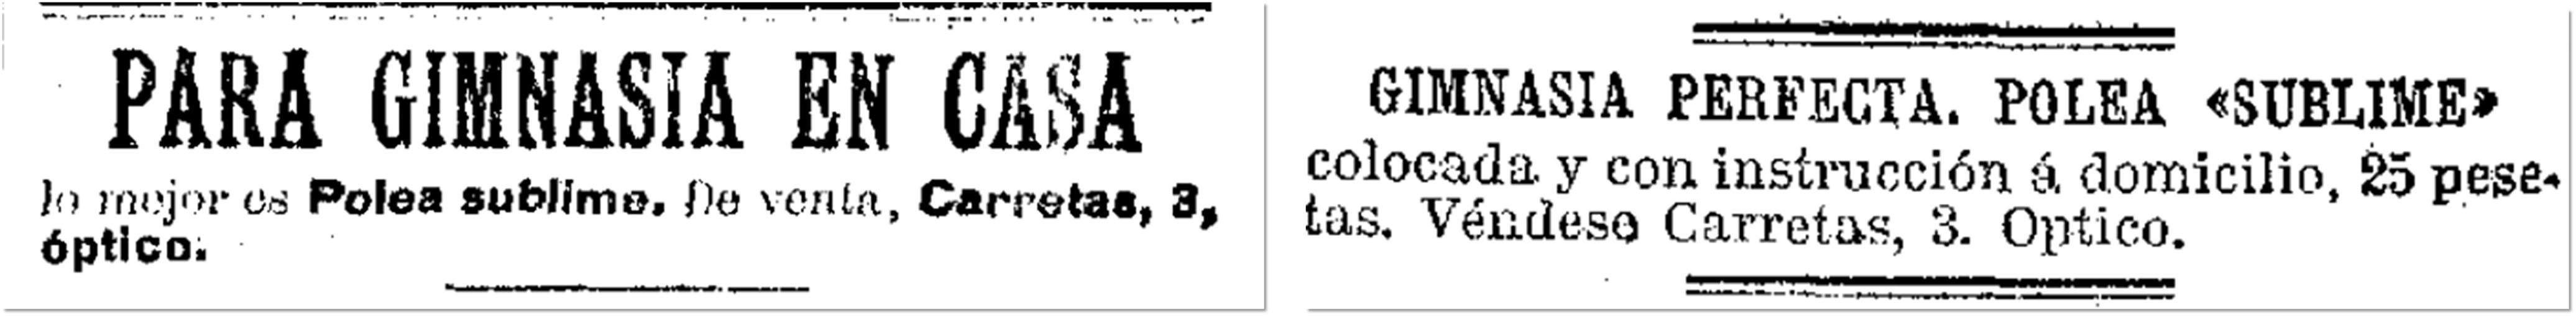 La Época, 18 de mayo de 1904, p. 3; El Imparcial, 20 de diciembre de 1904, p. 4